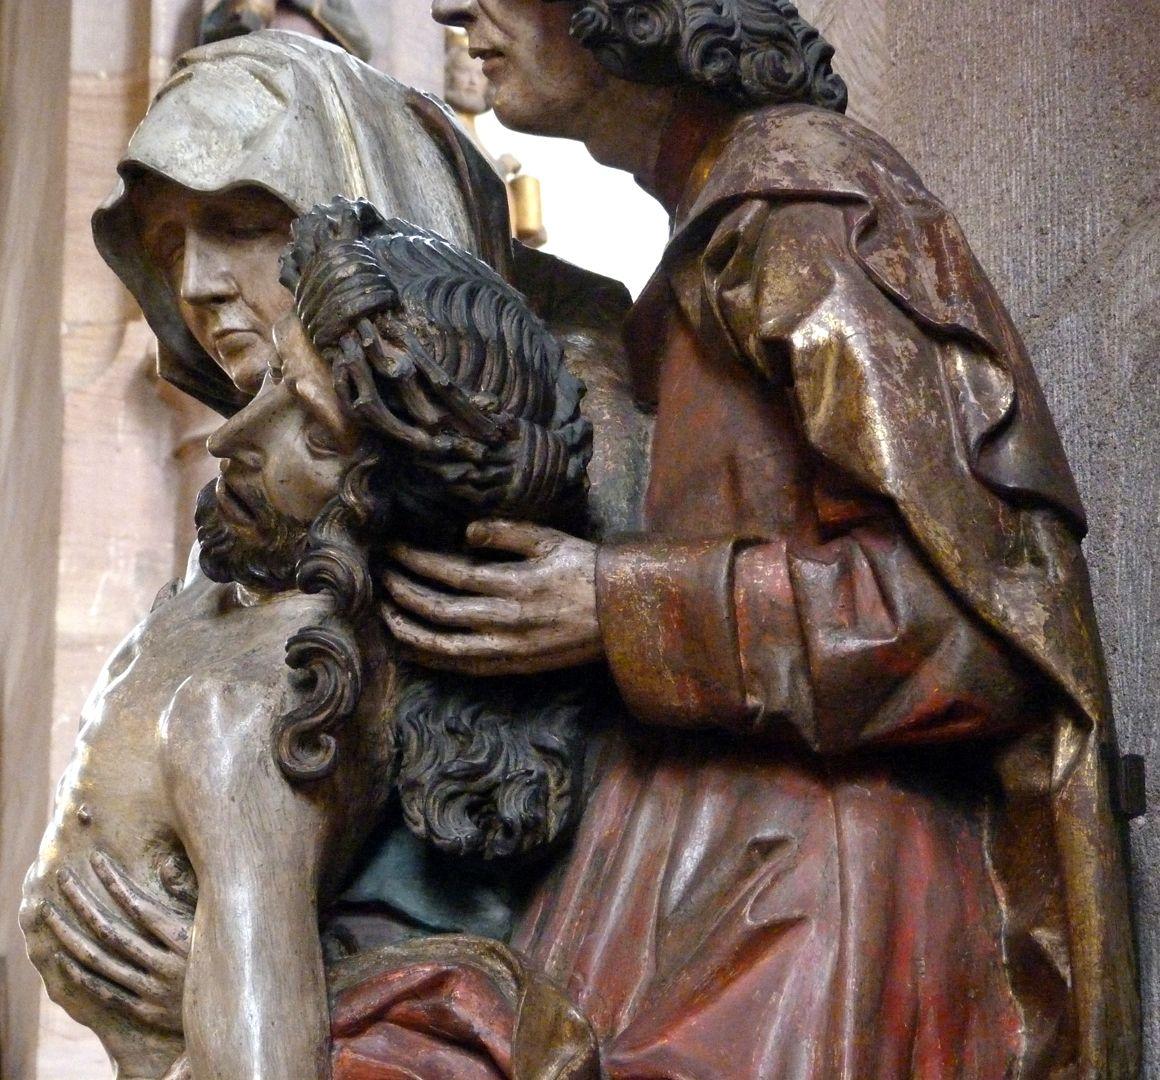 Große Pietà seitliche Ansicht von rechts, obere Hälfte